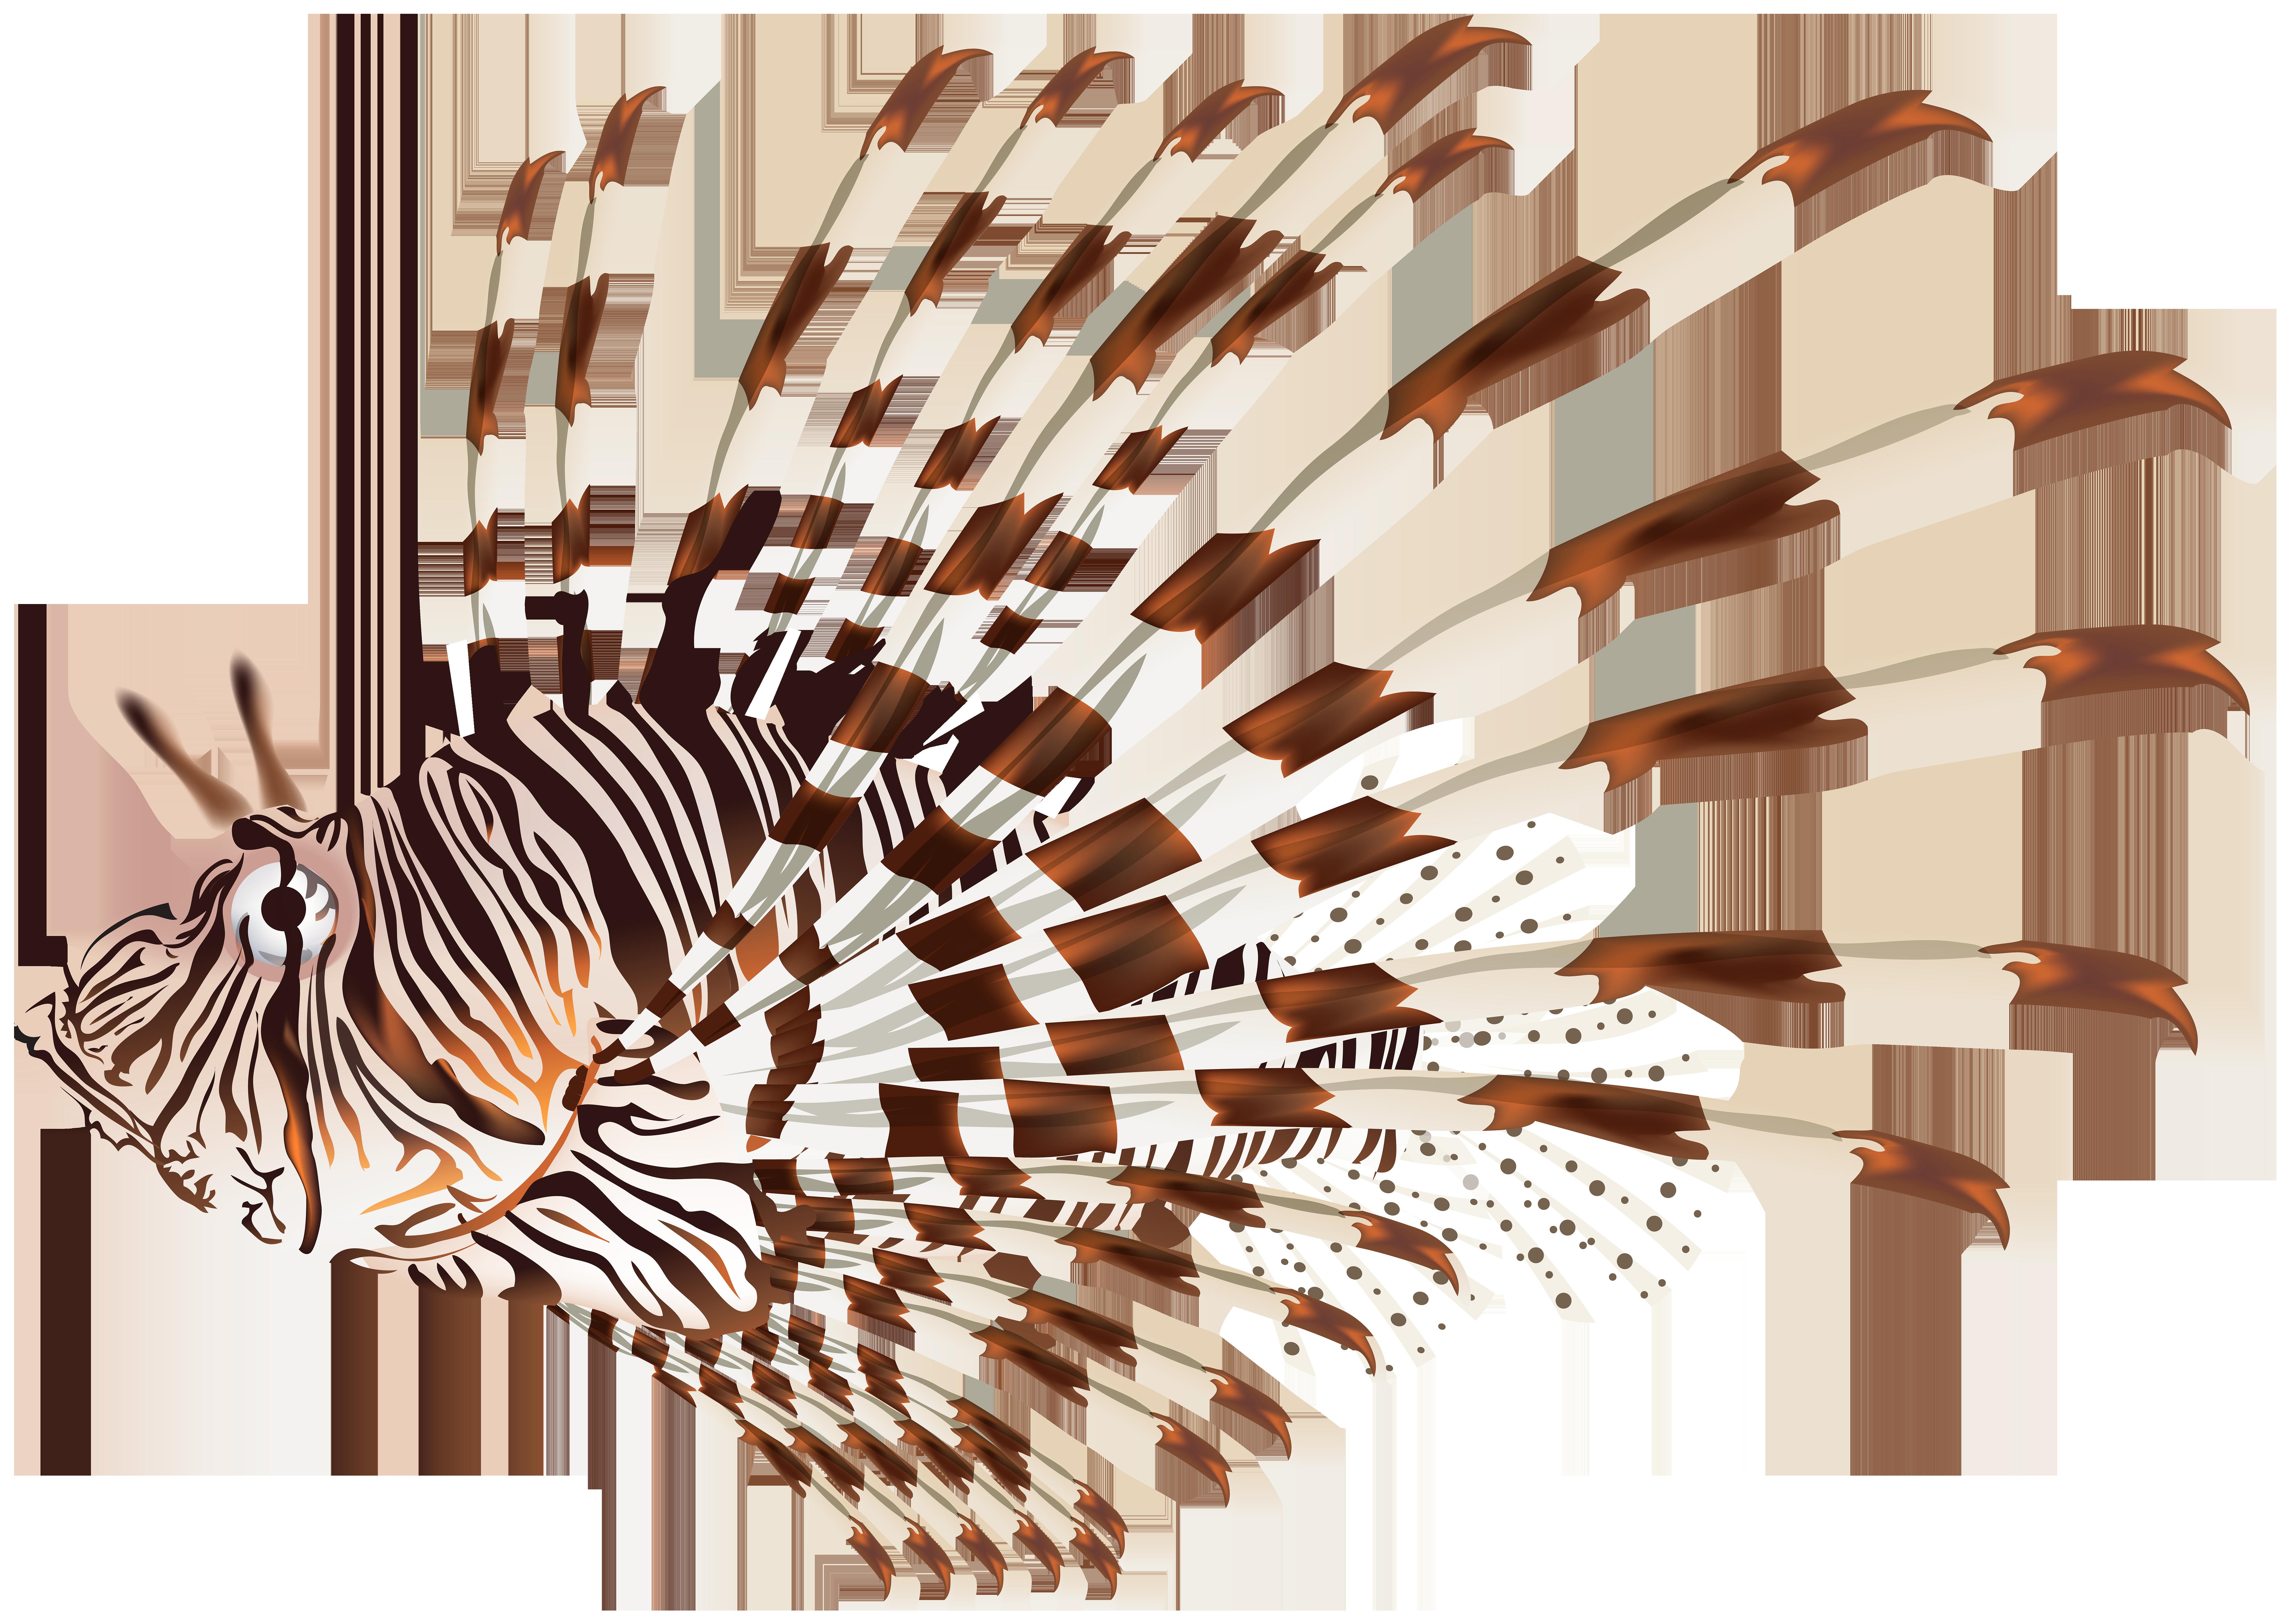 Lionfish PNG Transparent Clip Art Image.